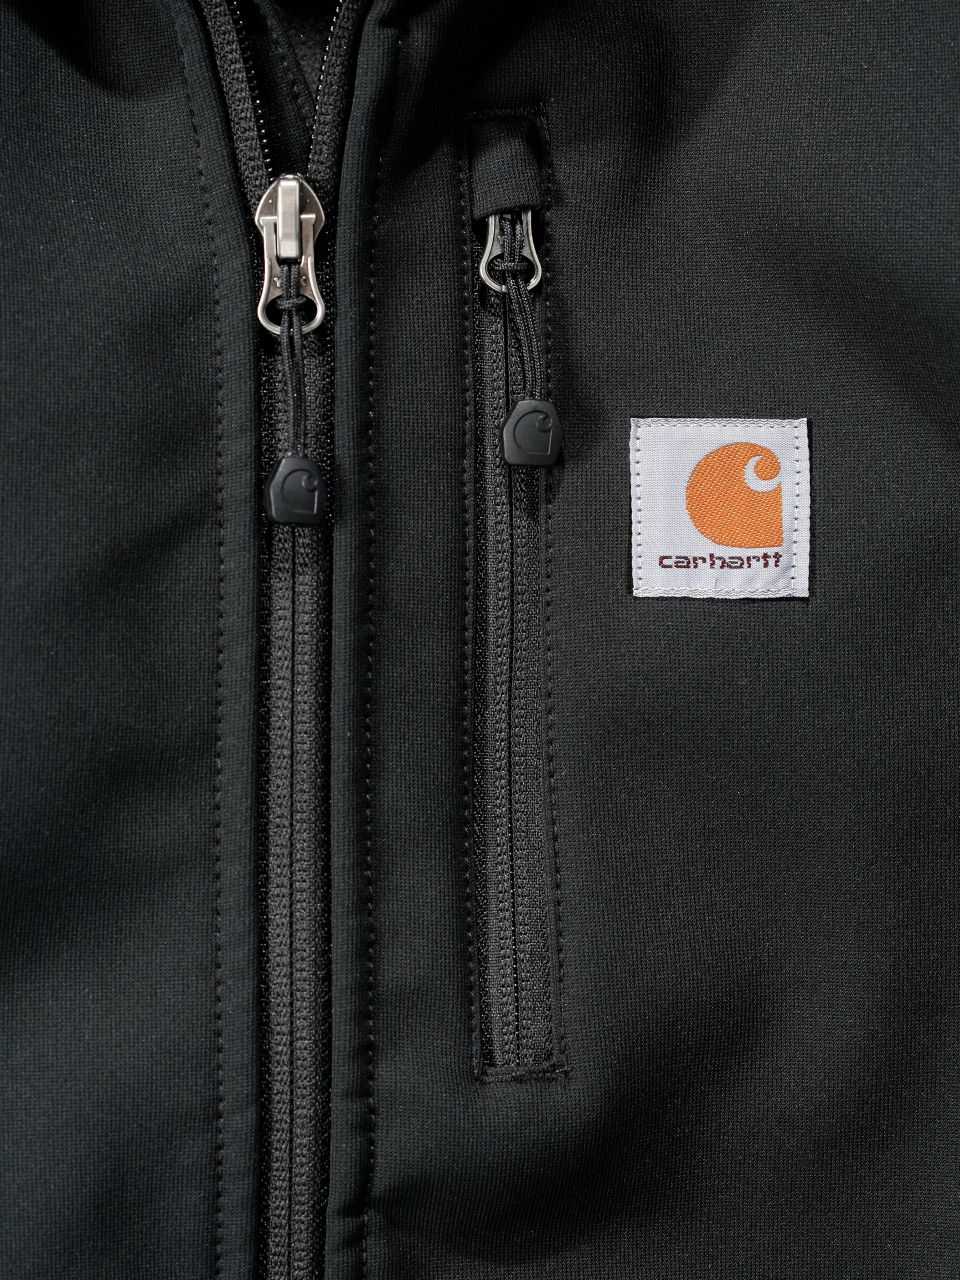 carhartt jacke softshell schwarz